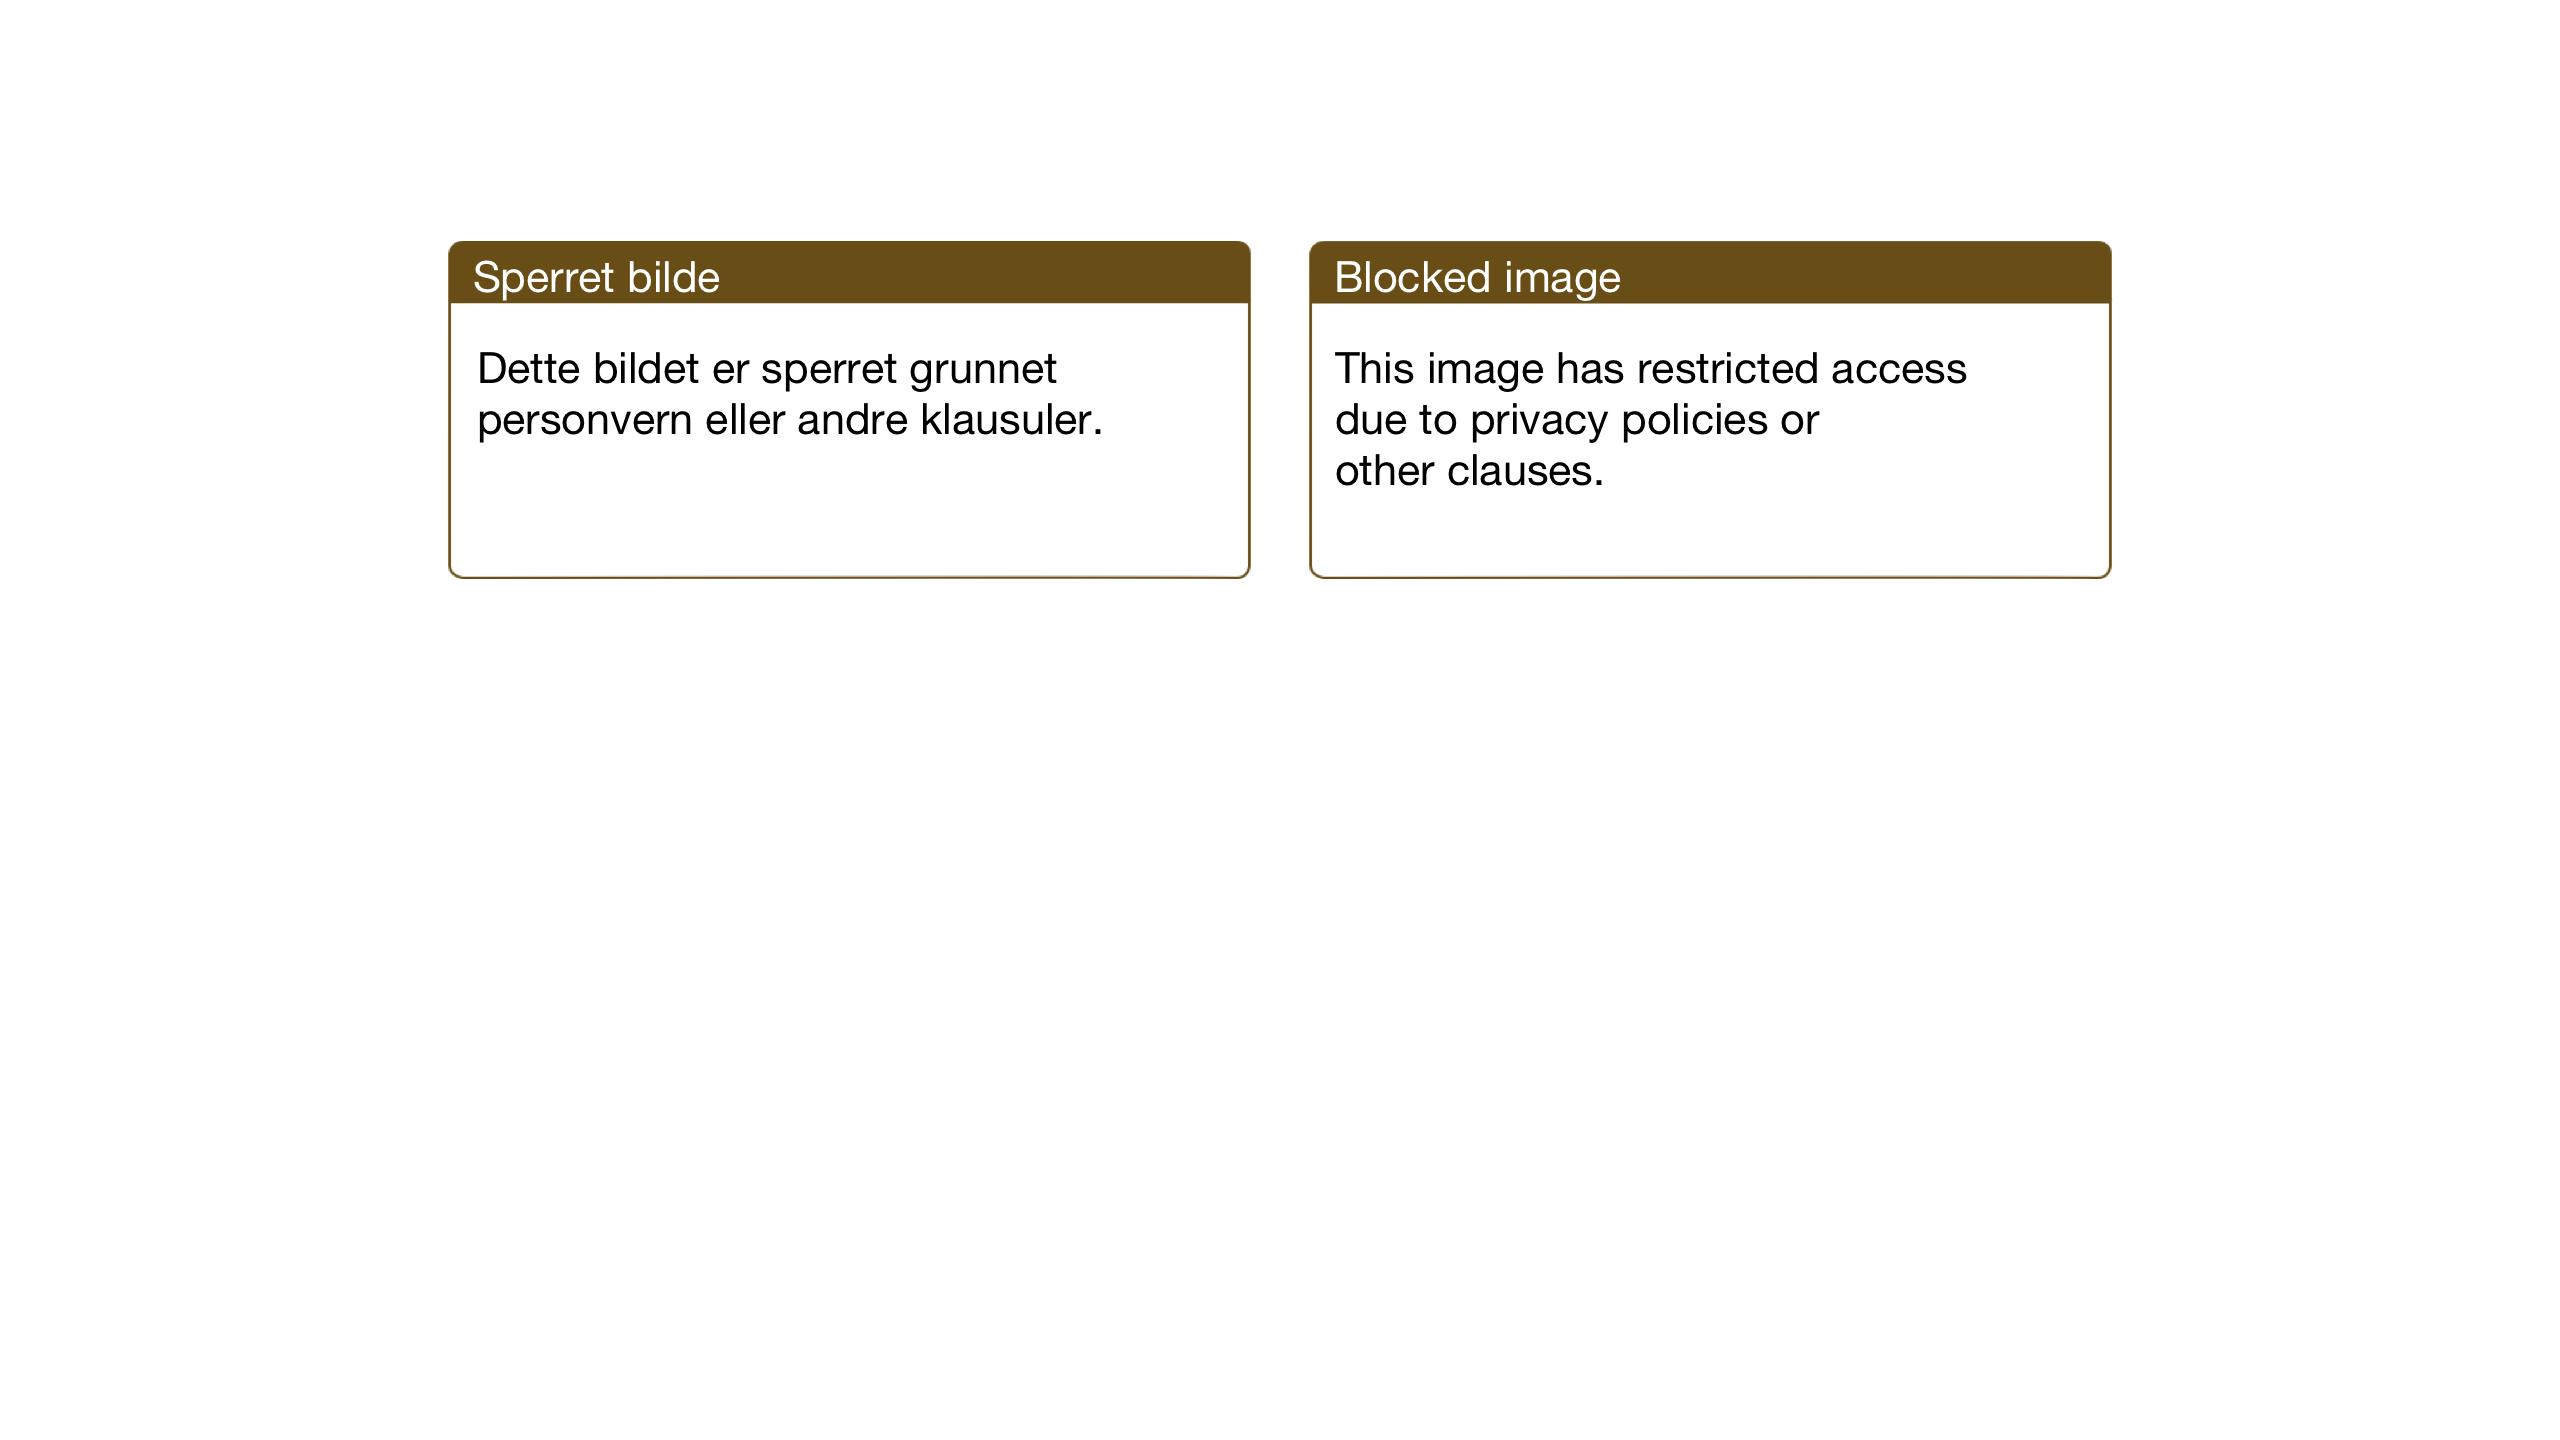 SAT, Ministerialprotokoller, klokkerbøker og fødselsregistre - Nord-Trøndelag, 755/L0500: Klokkerbok nr. 755C01, 1920-1962, s. 98